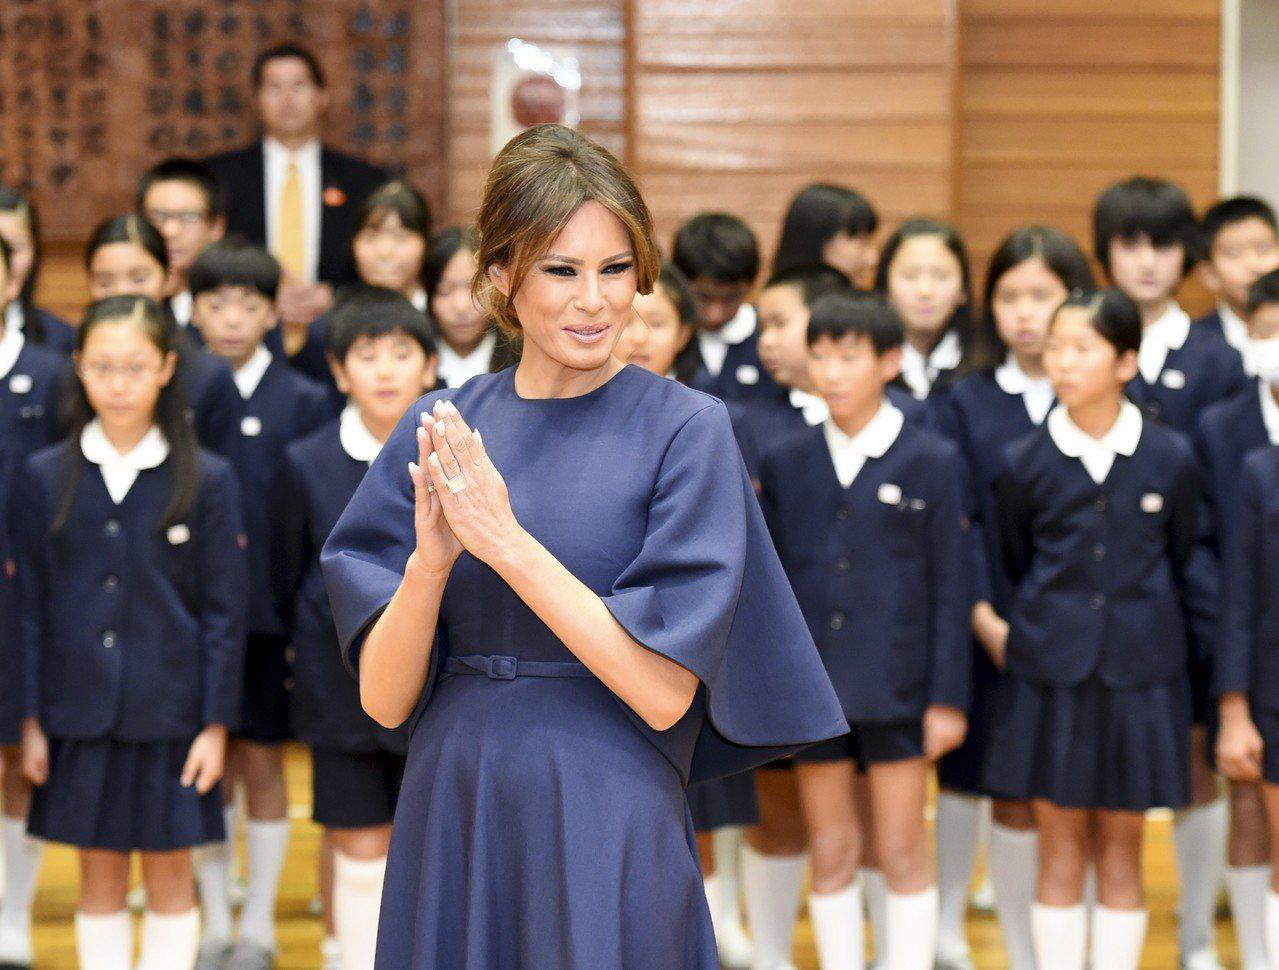 梅蘭妮亞川普以Dior秋冬系列的洋裝出席訪日行程。(法新社)